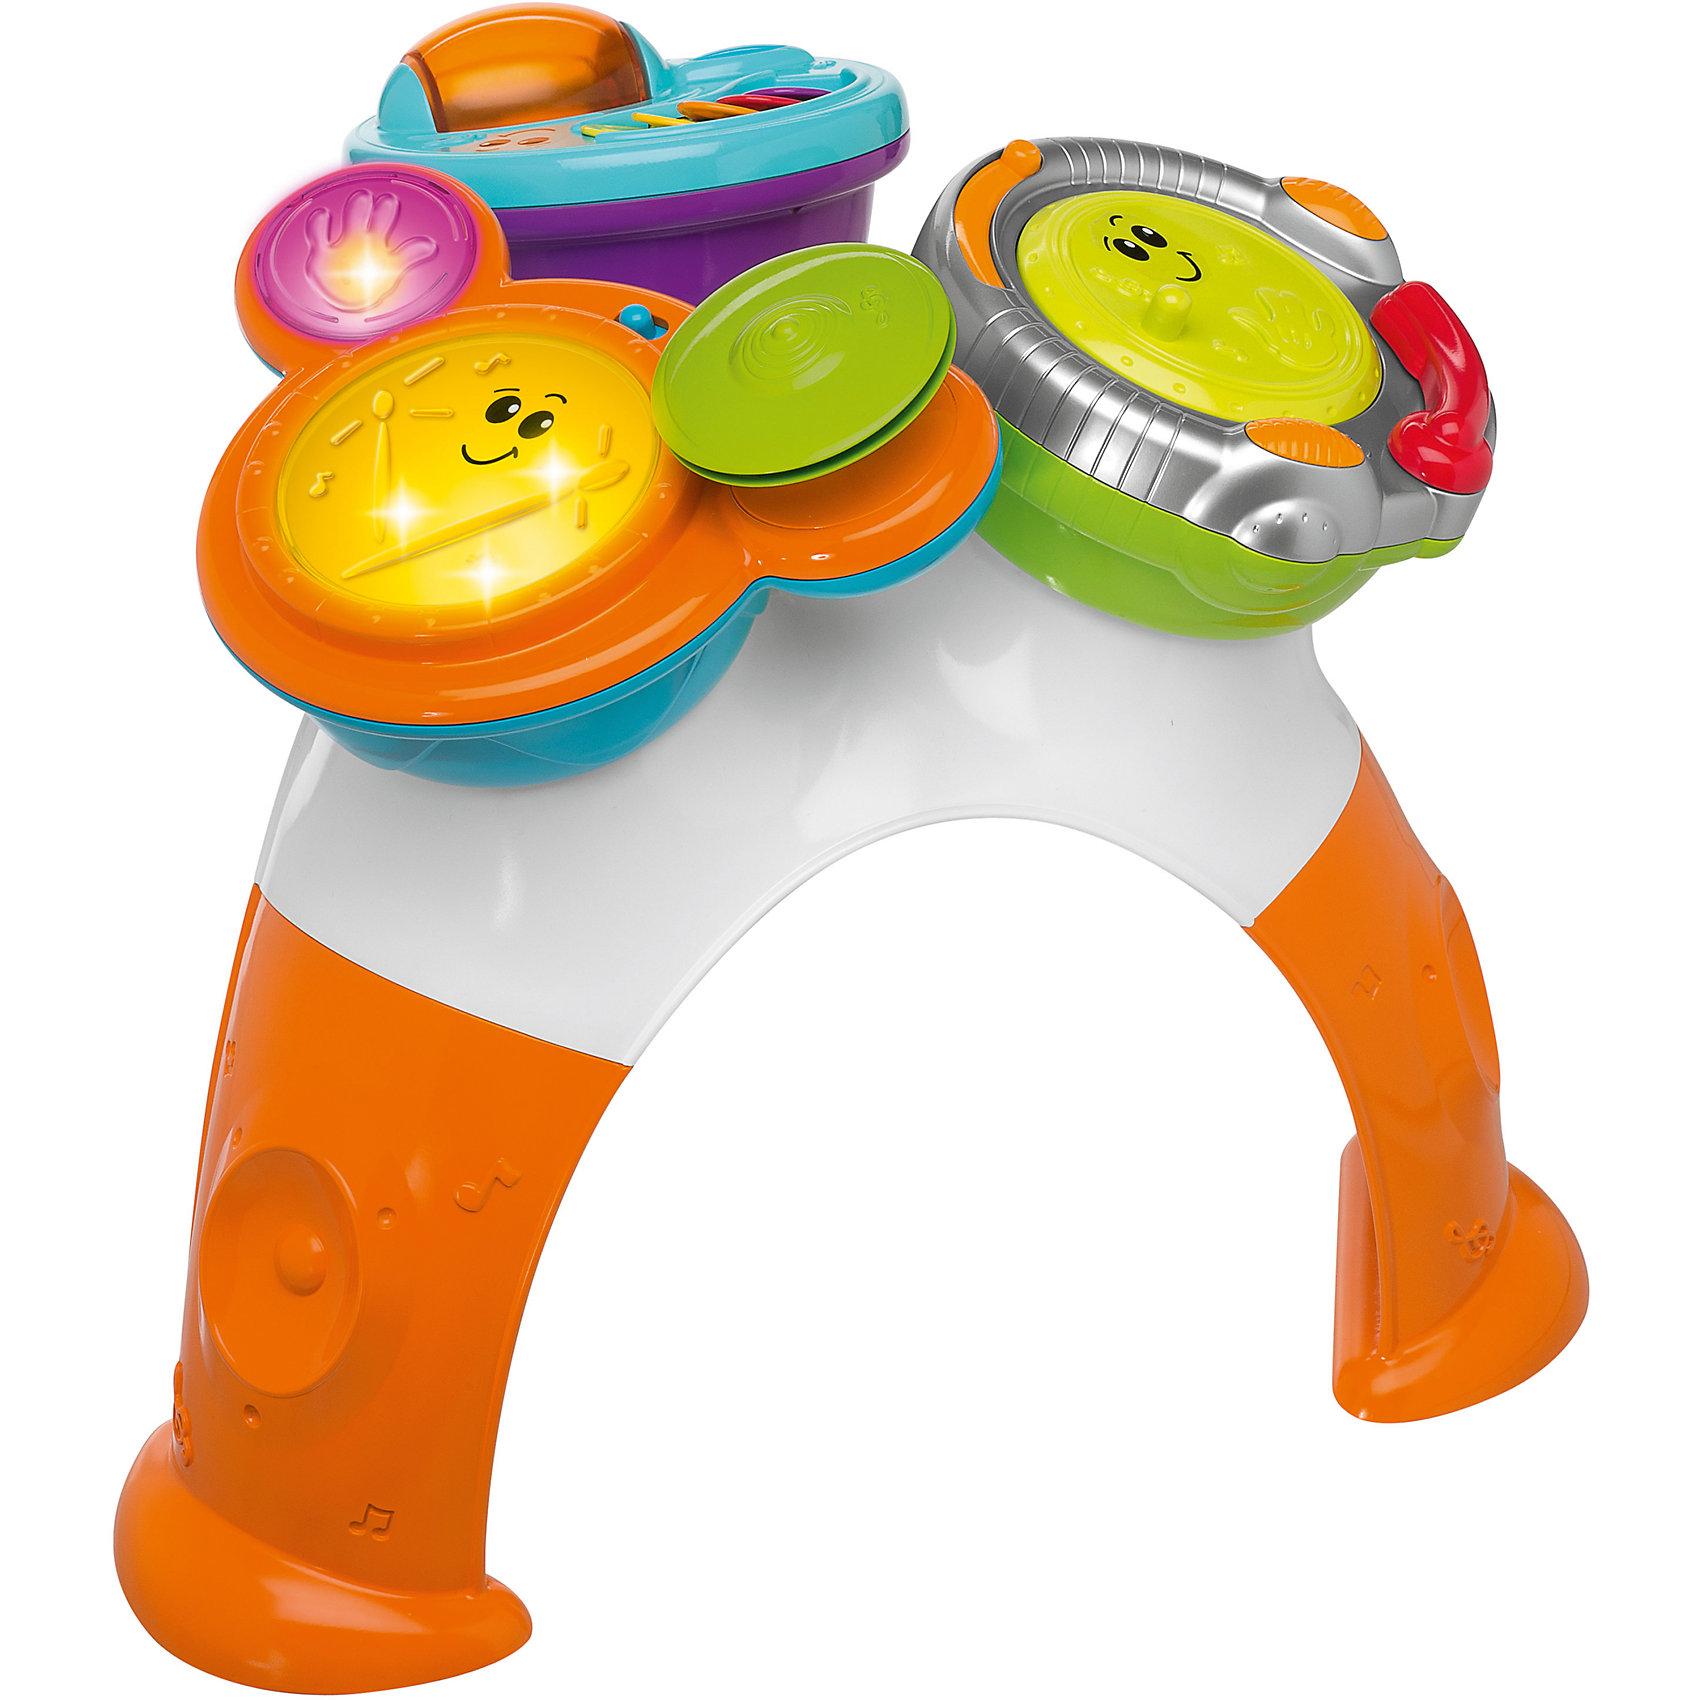 Музыкально-игровой столик DJ (консоль, барабаны, маракасы), ChiccoИгрушки для малышей<br>Музыкально-игровой столик DJ (консоль, барабаны, маракасы), Chicco (Чико) – это настоящий музыкальный центр.<br>Музыкально-игровой столик DJ с 8 игровыми режимами не позволит скучать вашему малышу. На столике установлены три игровых элемента. Один из них представляет собой DJ консоль (ди-джейский пульт) на котором диск вращается со скретч-эффектом, бегунок передвигается из стороны в сторону со звуком трещотки. На другом элементе (маракасы) расположены разноцветные створки с нотками и прозрачная вращающаяся сфера. Внутри нее находятся маленькие шарики, которые перекатываются и задорно гремят при вращении. Третий элемент со световыми эффектами выполнен в виде барабанной установки с тарелками. Она предусматривает три режима: создай ритм - ребенок свободно играет на барабанах, извлекая различные звуковые эффекты, выражая свое творческое начало; придерживайся такта - малыш старается играть на ударных в такт мелодии; сочини песню - ребенок сочиняет собственные произведения в различных стилях. Элементы легко снимаются, ими можно играть отдельно. Музыкально-игровой столик DJ способствует развитию звукового восприятия, музыкального слуха, чувства ритма, а также мышления, воображения и творческих способностей. Он выполнен из прочного безопасного пластика ярких цветов.<br><br>Дополнительная информация:<br><br>- Материал: пластик<br>- Батарейки: 2 шт. типа ААА (не входят в комплект)<br>- Размер упаковки: 49 х 49 х 35 см.<br><br>Музыкально-игровой столик DJ (консоль, барабаны, маракасы), Chicco (Чико) можно купить в нашем интернет-магазине.<br><br>Ширина мм: 392<br>Глубина мм: 228<br>Высота мм: 502<br>Вес г: 4380<br>Возраст от месяцев: 9<br>Возраст до месяцев: 48<br>Пол: Унисекс<br>Возраст: Детский<br>SKU: 3191316